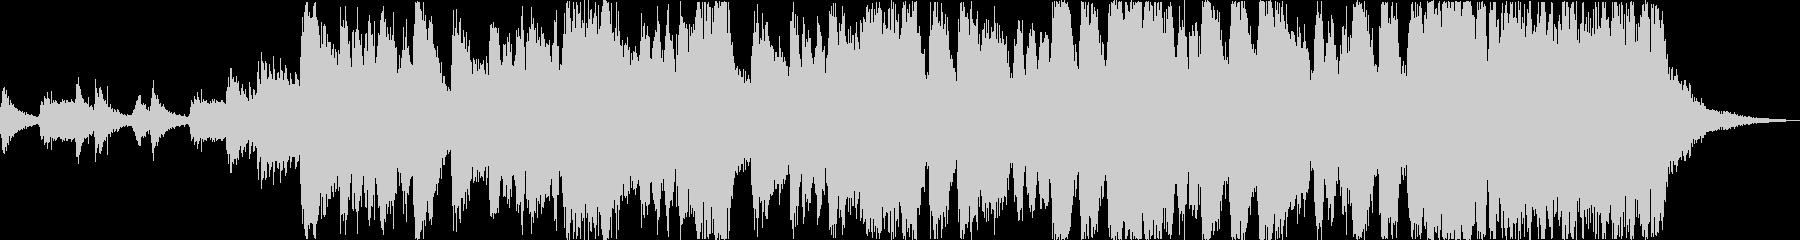 盛大なオープニングファンファーレaの未再生の波形